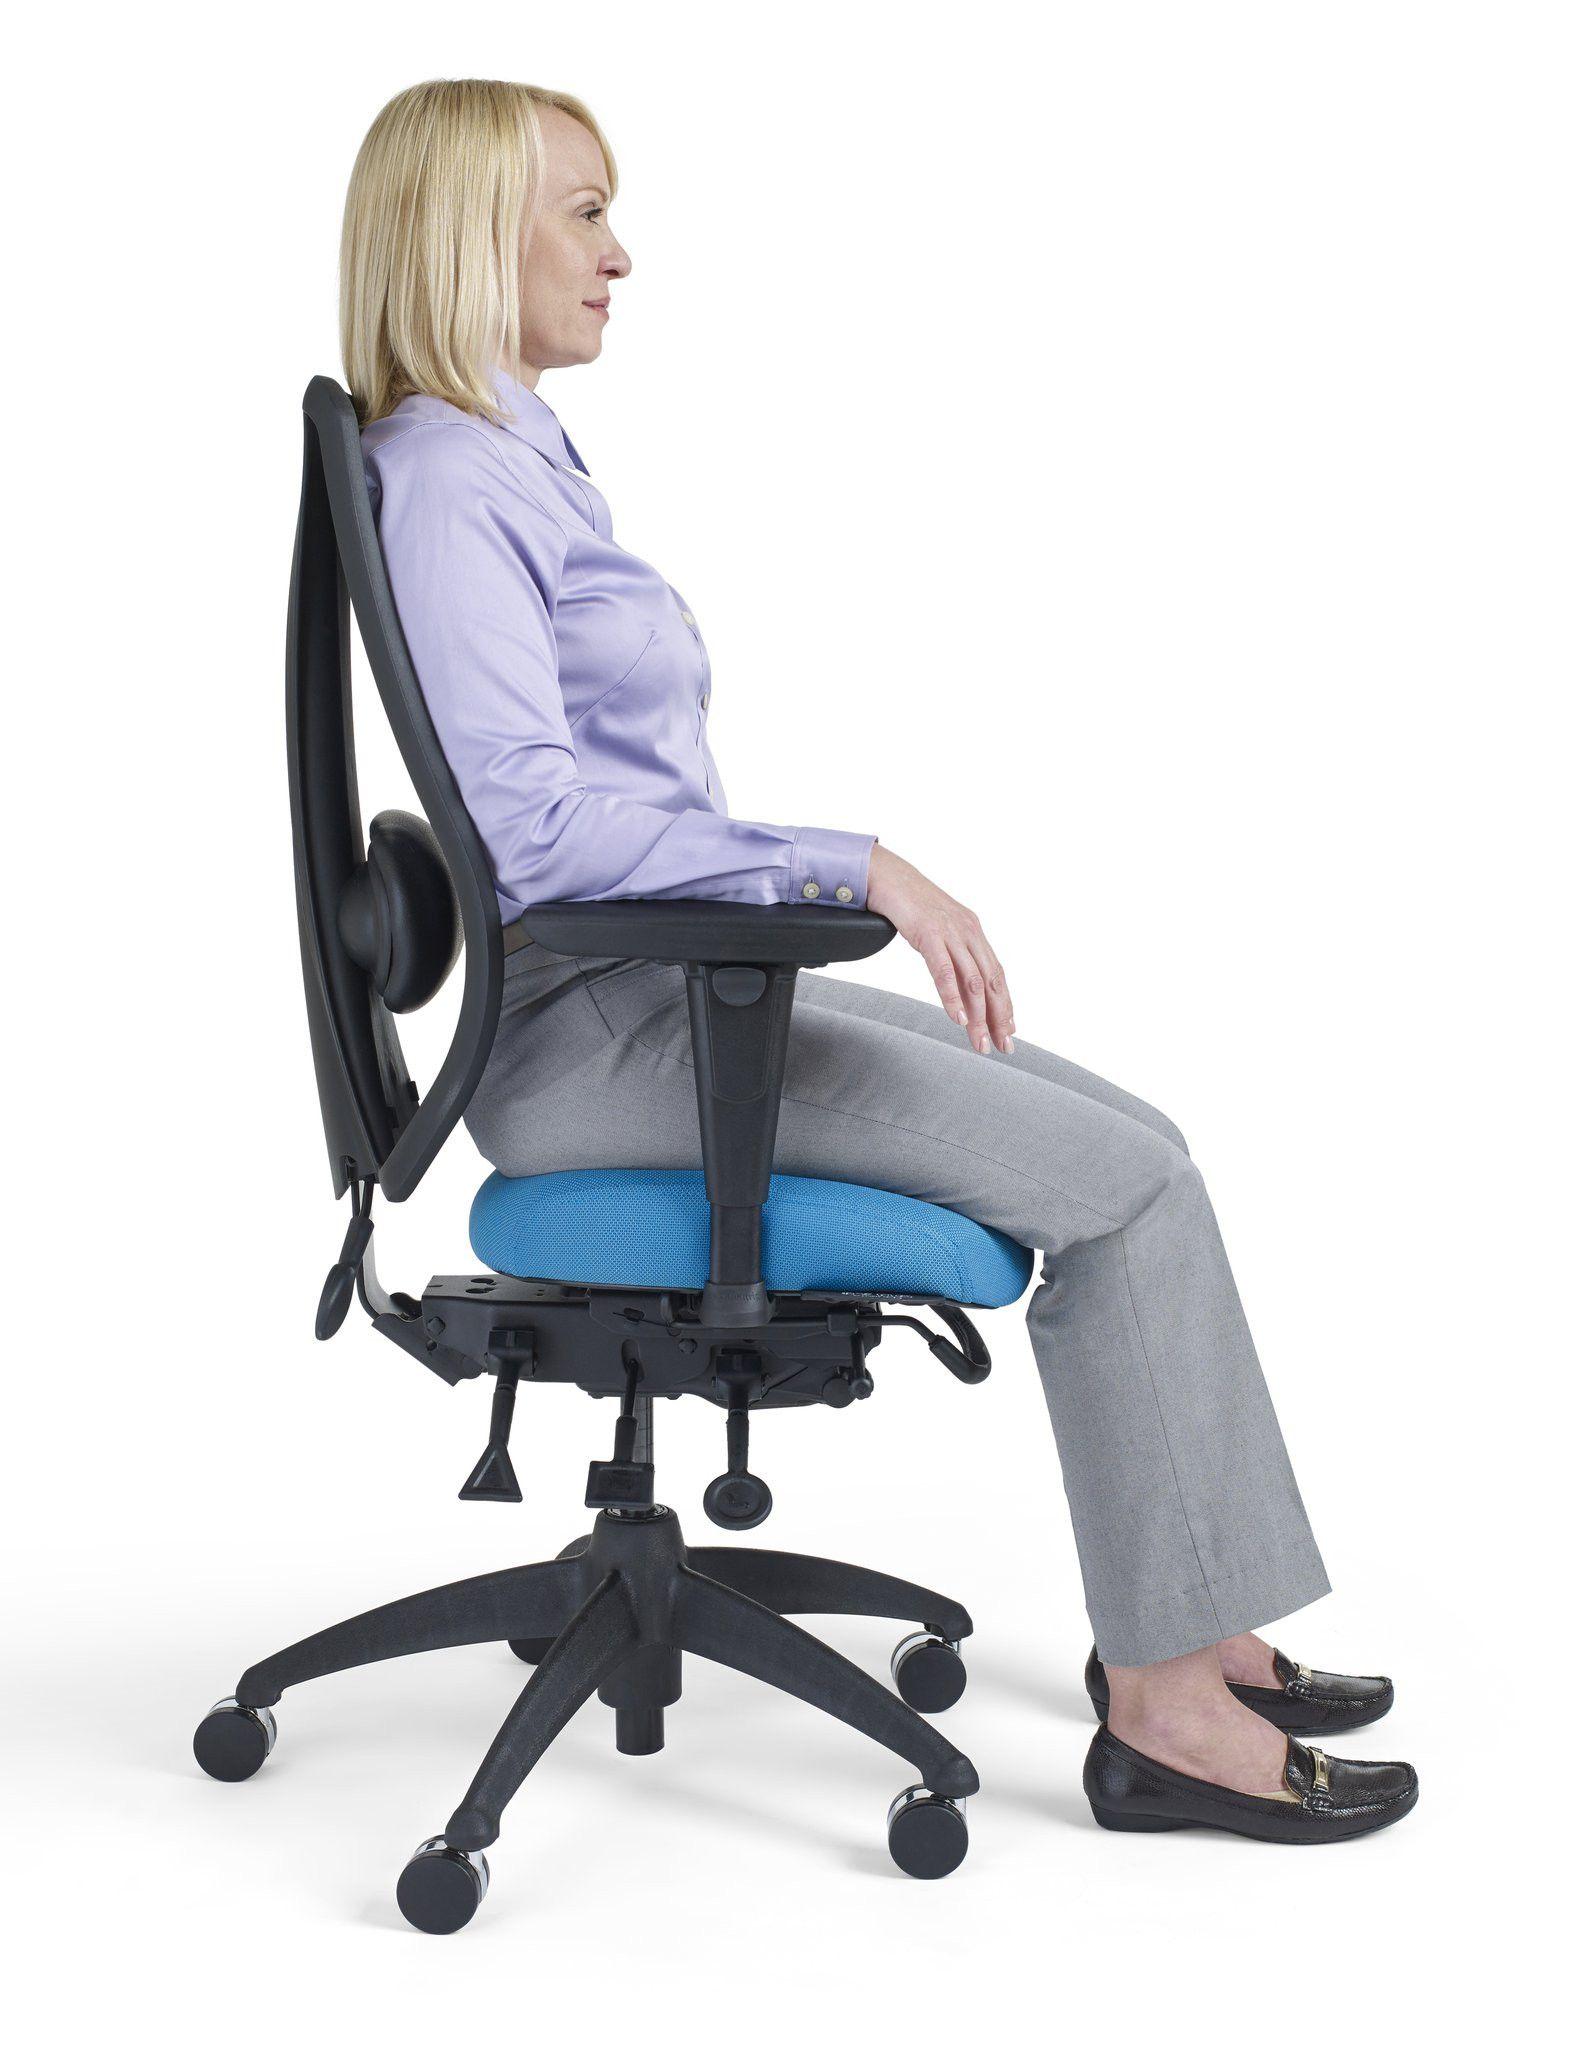 Du Genou Ergonomique Chaise Avec Le Dos Et Poignee Maille Tissu